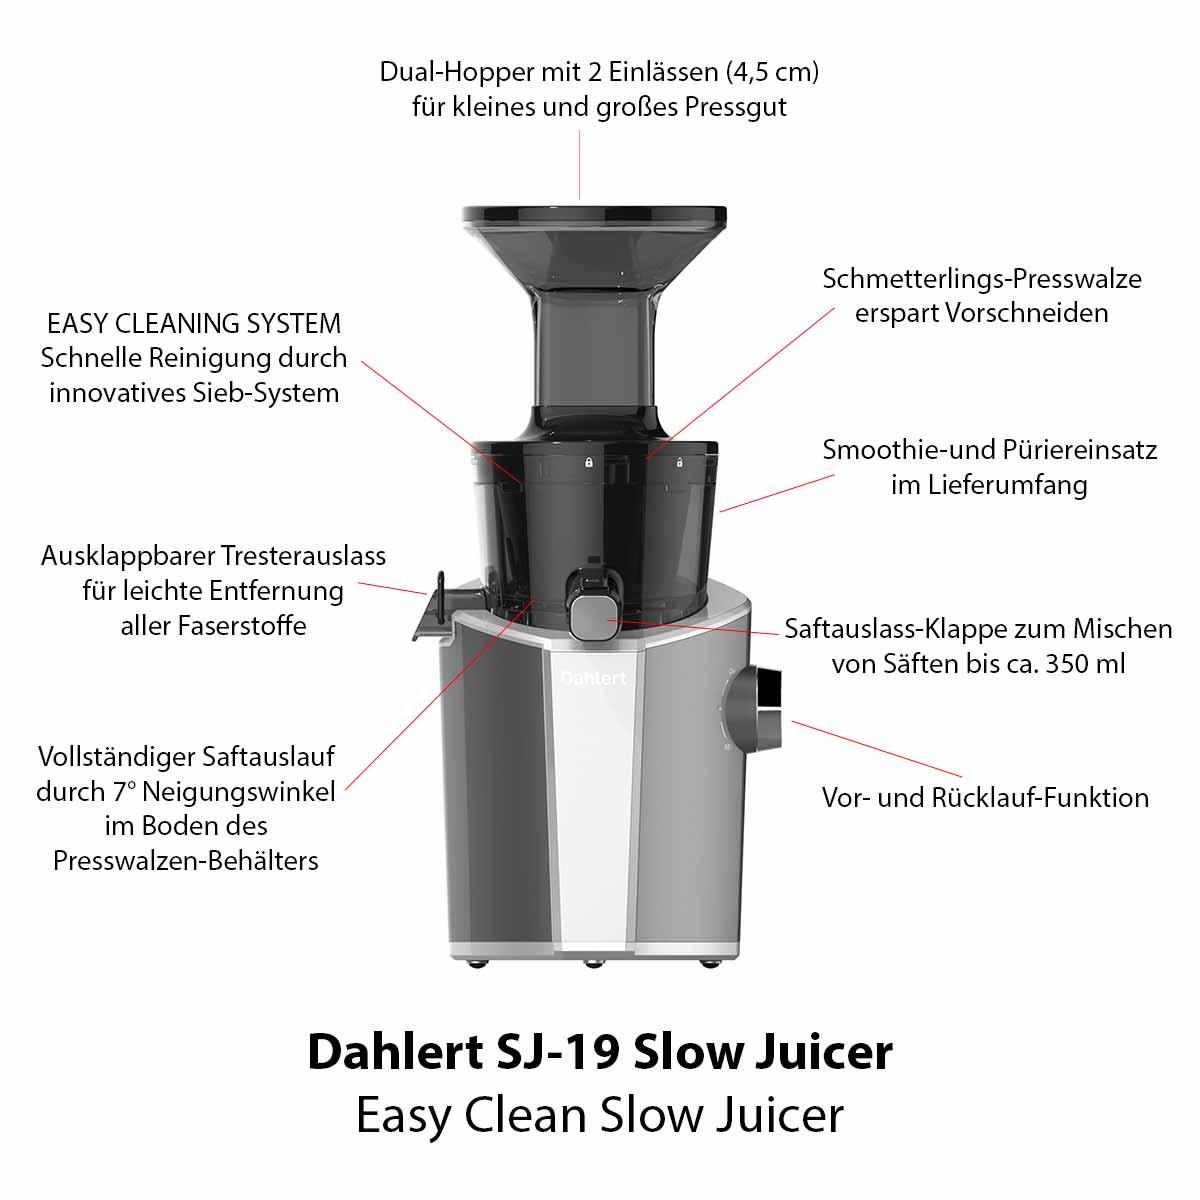 Features des Dahlert Slow Juicer SJ-19